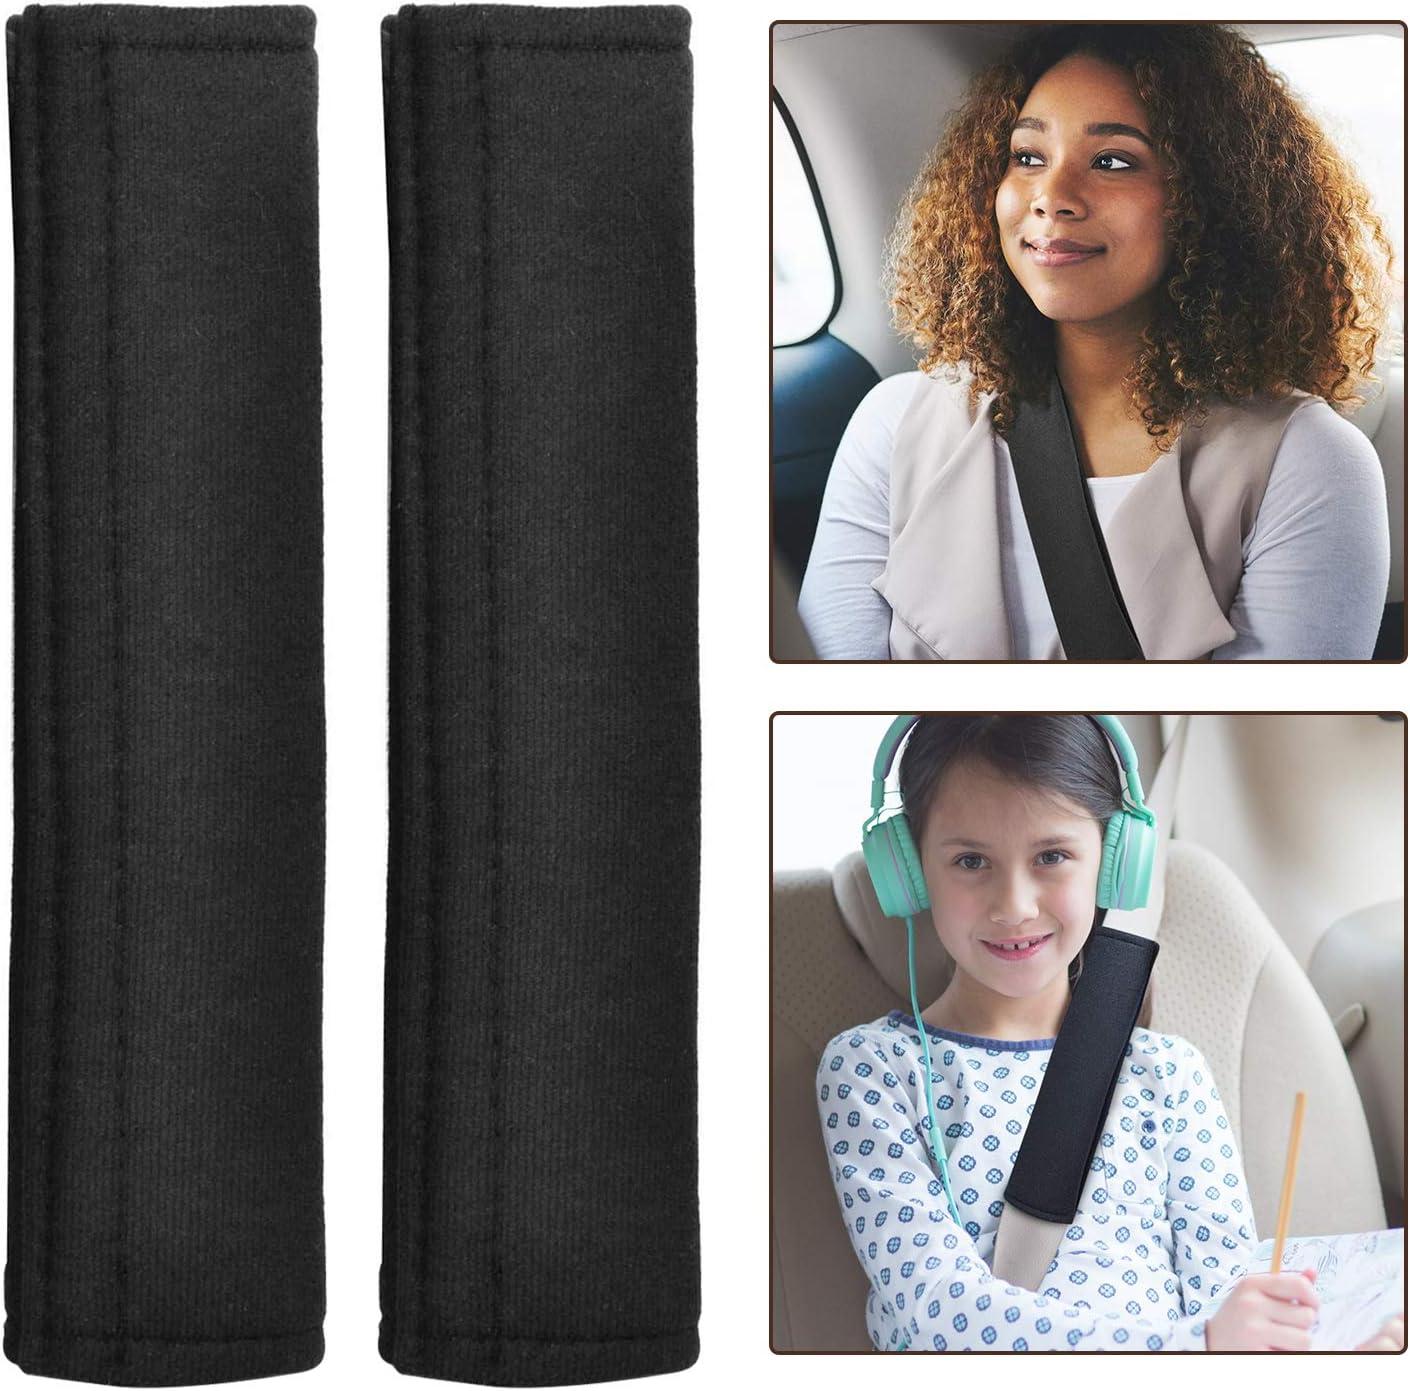 Protecci/ón Cintur/ón Seguridad Aodoor Cintur/ón Almohadilla Adjustable Funda Cintur/ón Coche para Beb/é Negro//Plata